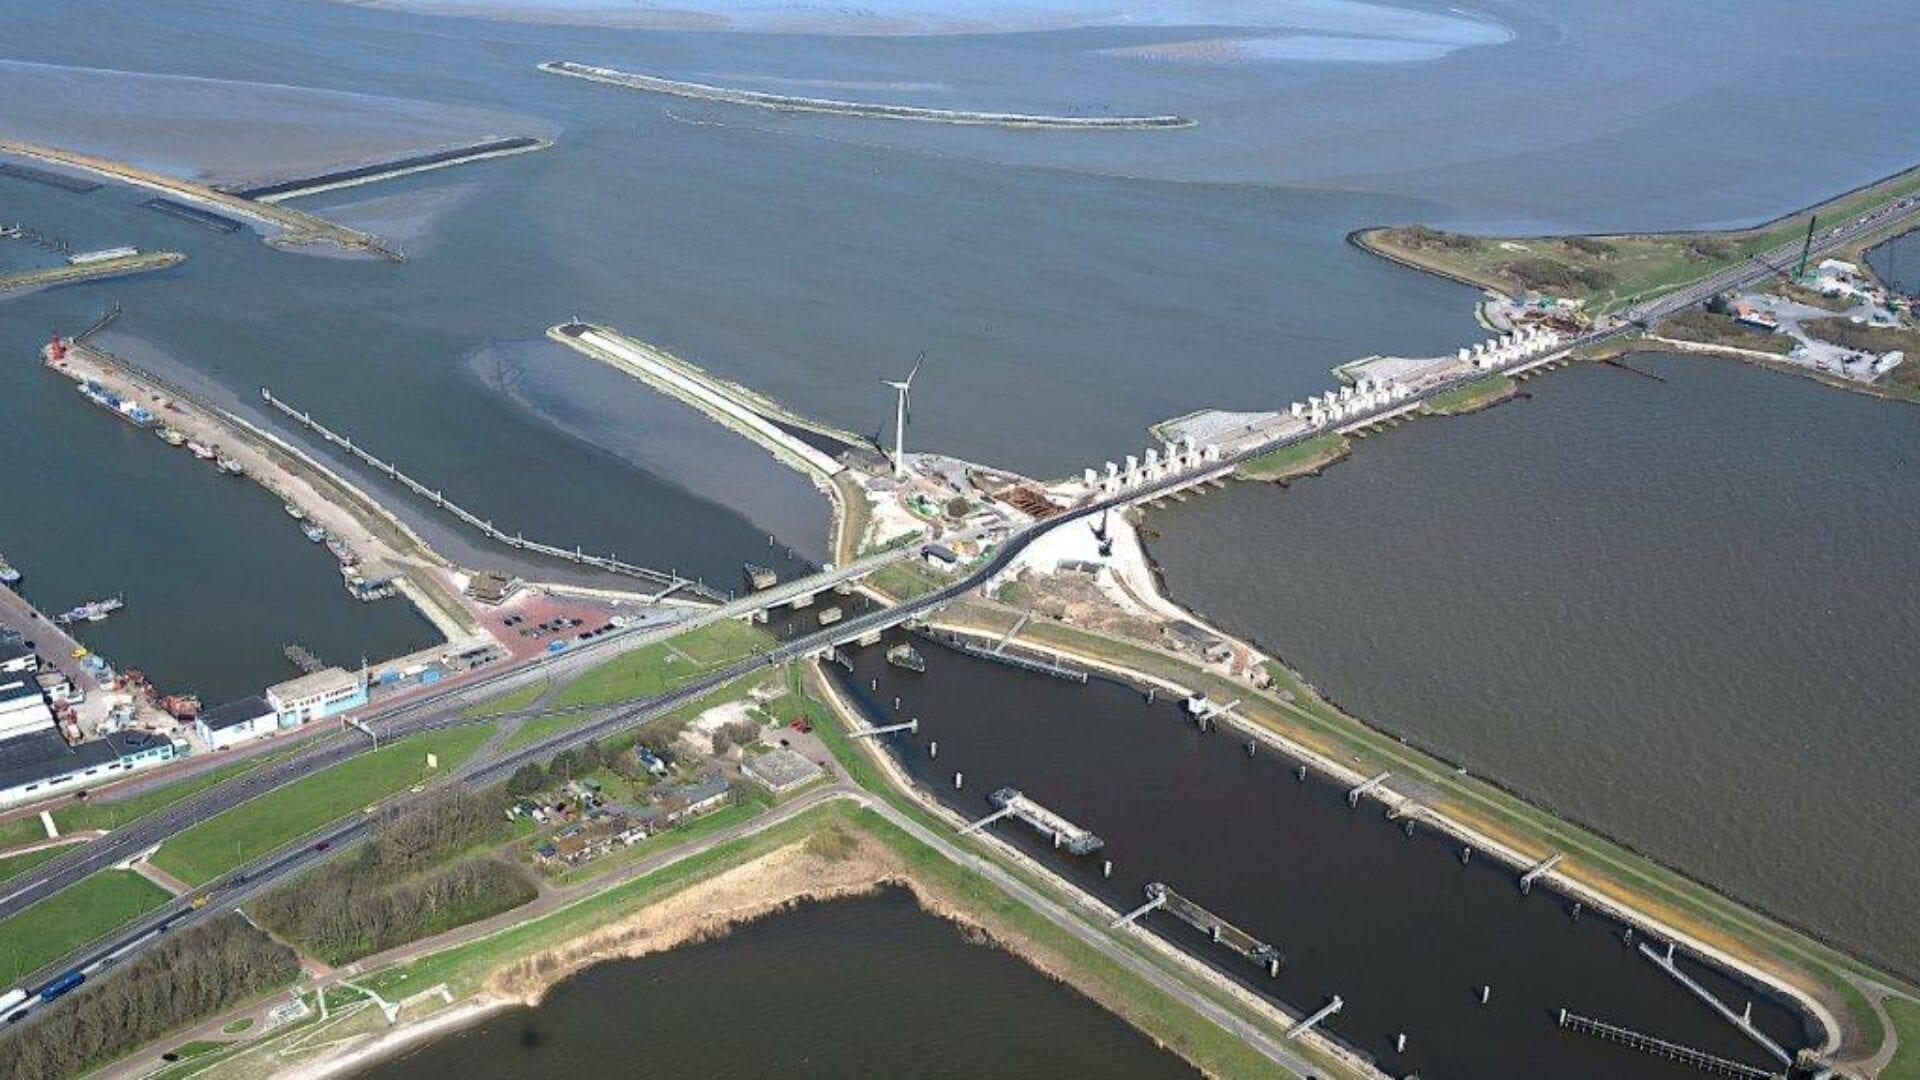 Luchtfoto van de Afsluitdijk. Je kijkt van boven, van de kant van het IJsselmeer, uit op de sluizen, witte gebouwen en een windmolen. Uit beeld loopt de lange Afsluitdijk naar achter. Aan weerskanten het water van het IJsselmeer en de Waddenzee. Bij de kant van het IJsselmeer zie je het water omringt met grond dat bij de sluis eindigt. Bij de kant van de Waddenzee zie je een uitstroom-haven.